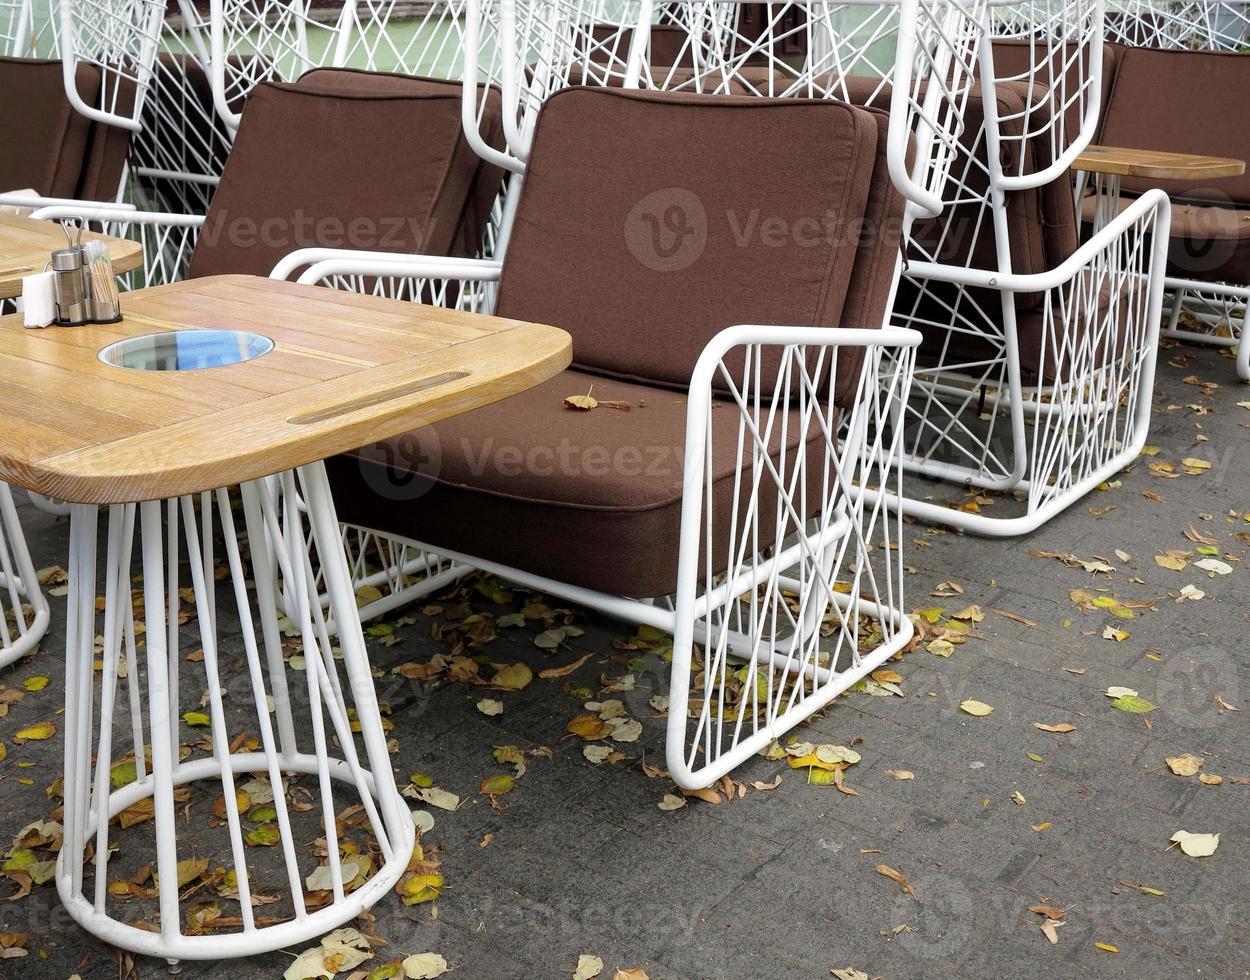 tom höstkaffeterrass med bord och stolar. foto